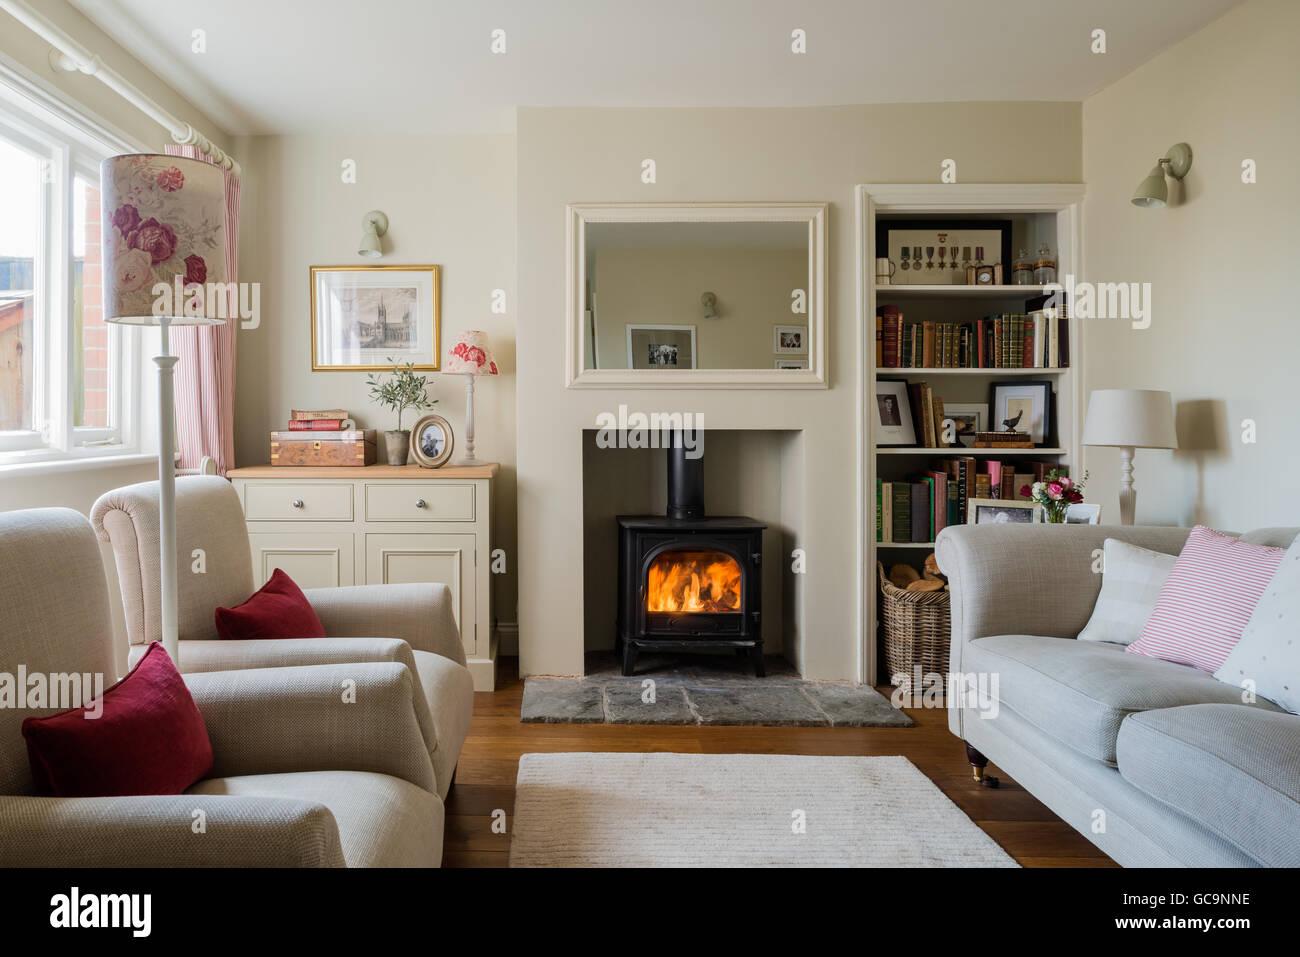 Gemütliche Hütte Wohnzimmer Mit Holzofen Und Leinen Gepolstertes Sofa